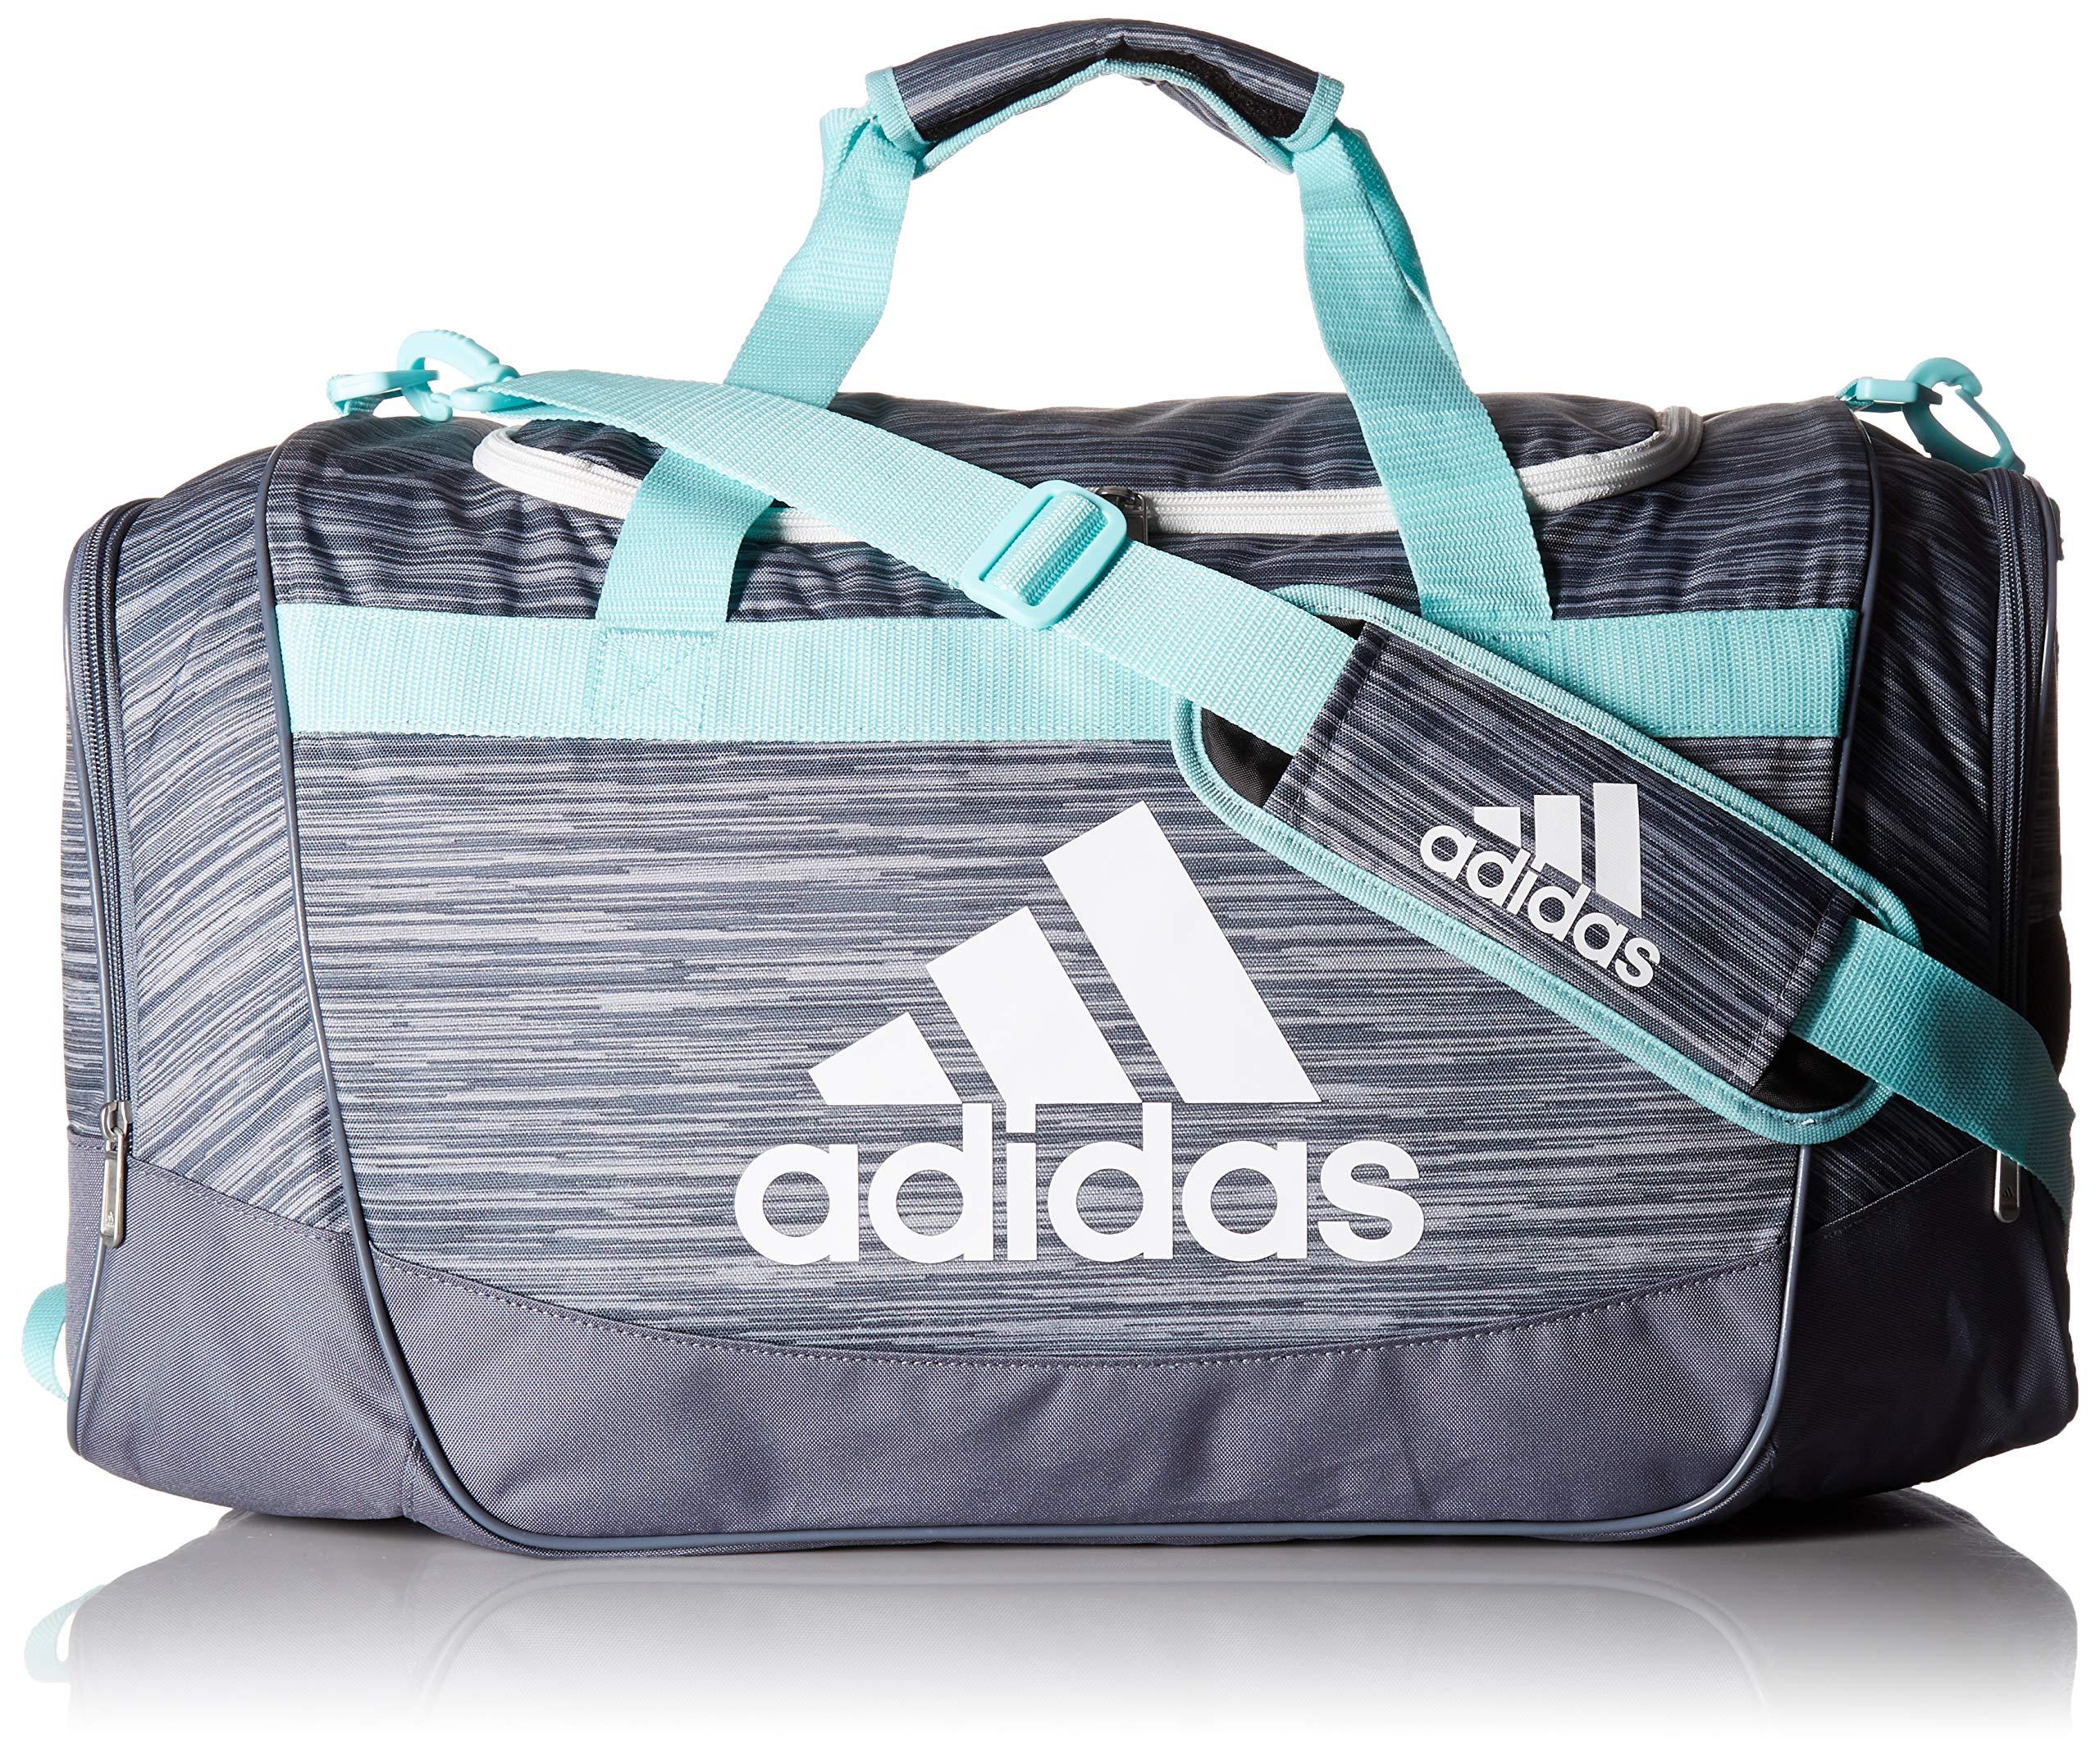 pretty nice 28a9f 760c6 adidas Defender II Duffel Bag